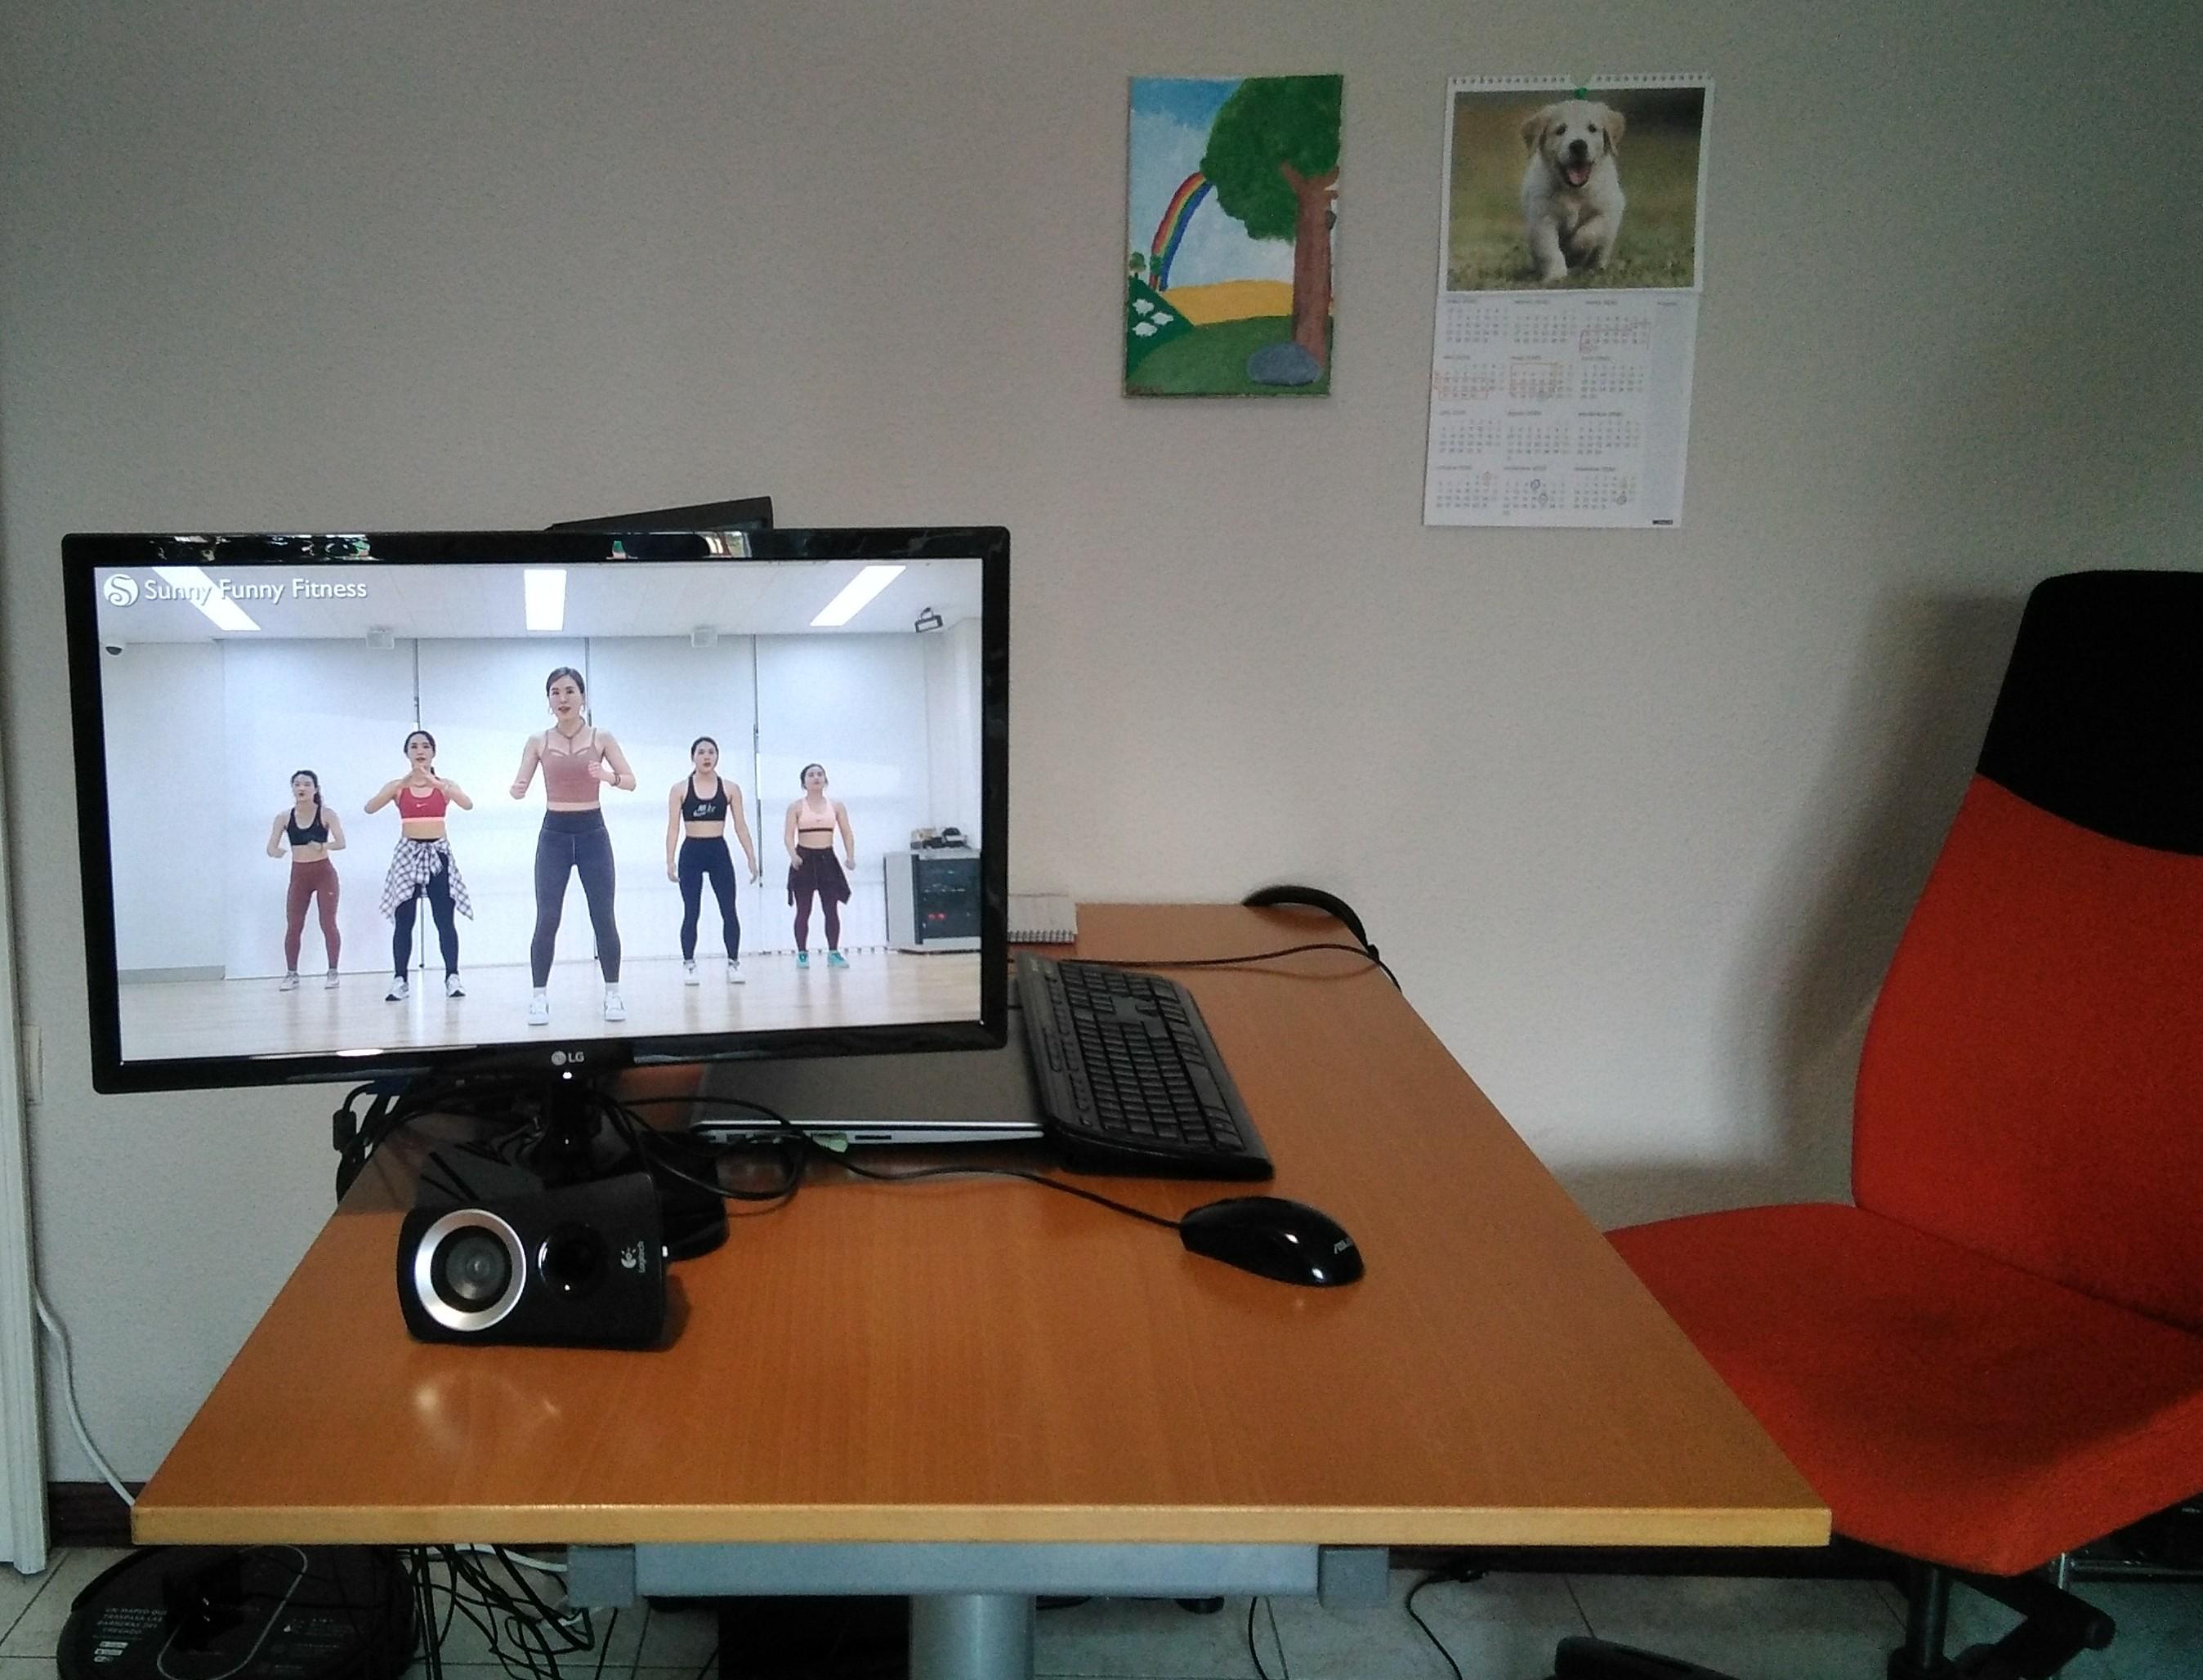 Espacio de trabajo reconvertido en gimnasio, al girar la pantalla del ordenador